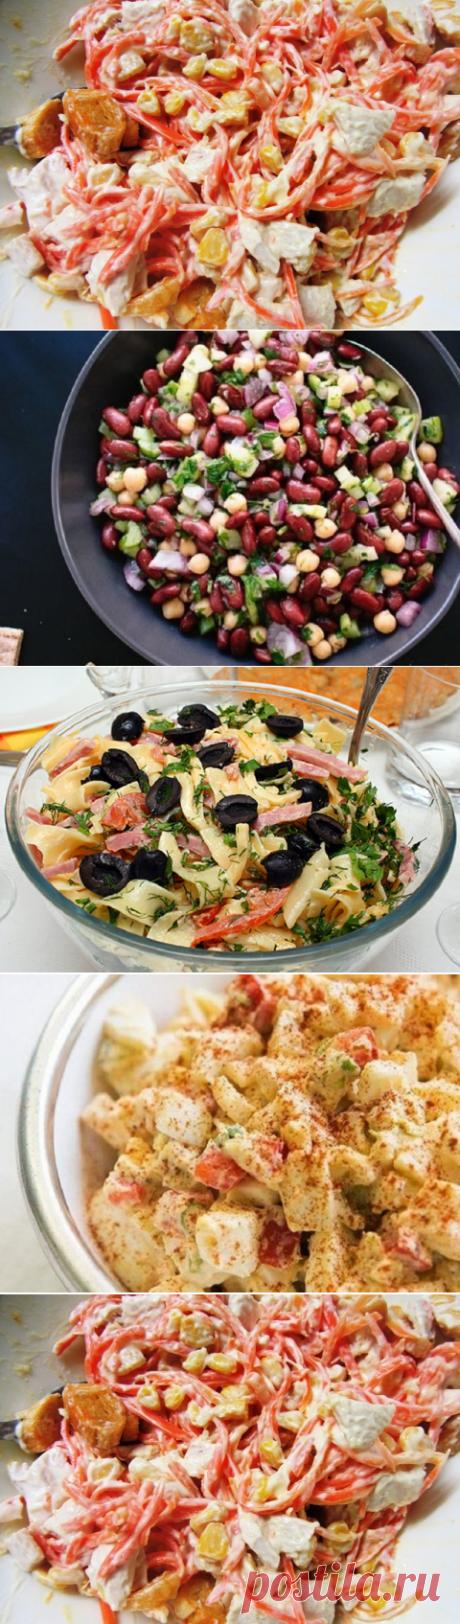 Надоел оливье? 4 салата, которые затмят классический рецепт!